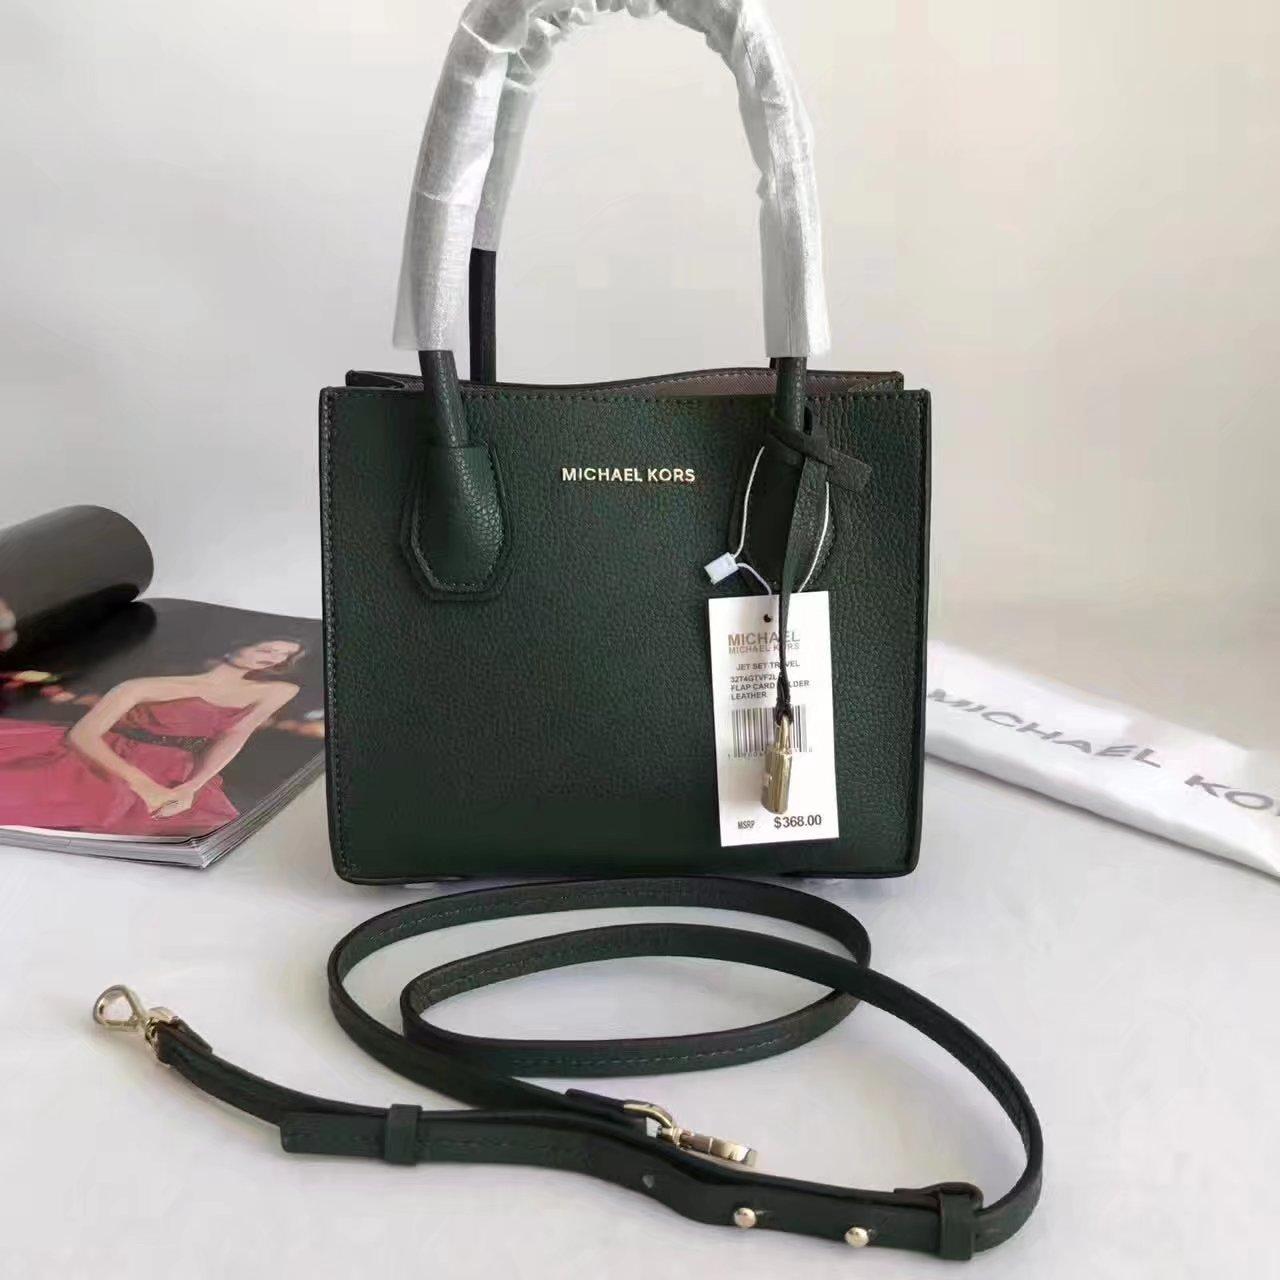 Michael Kors Mercer Leather Crossbody Green